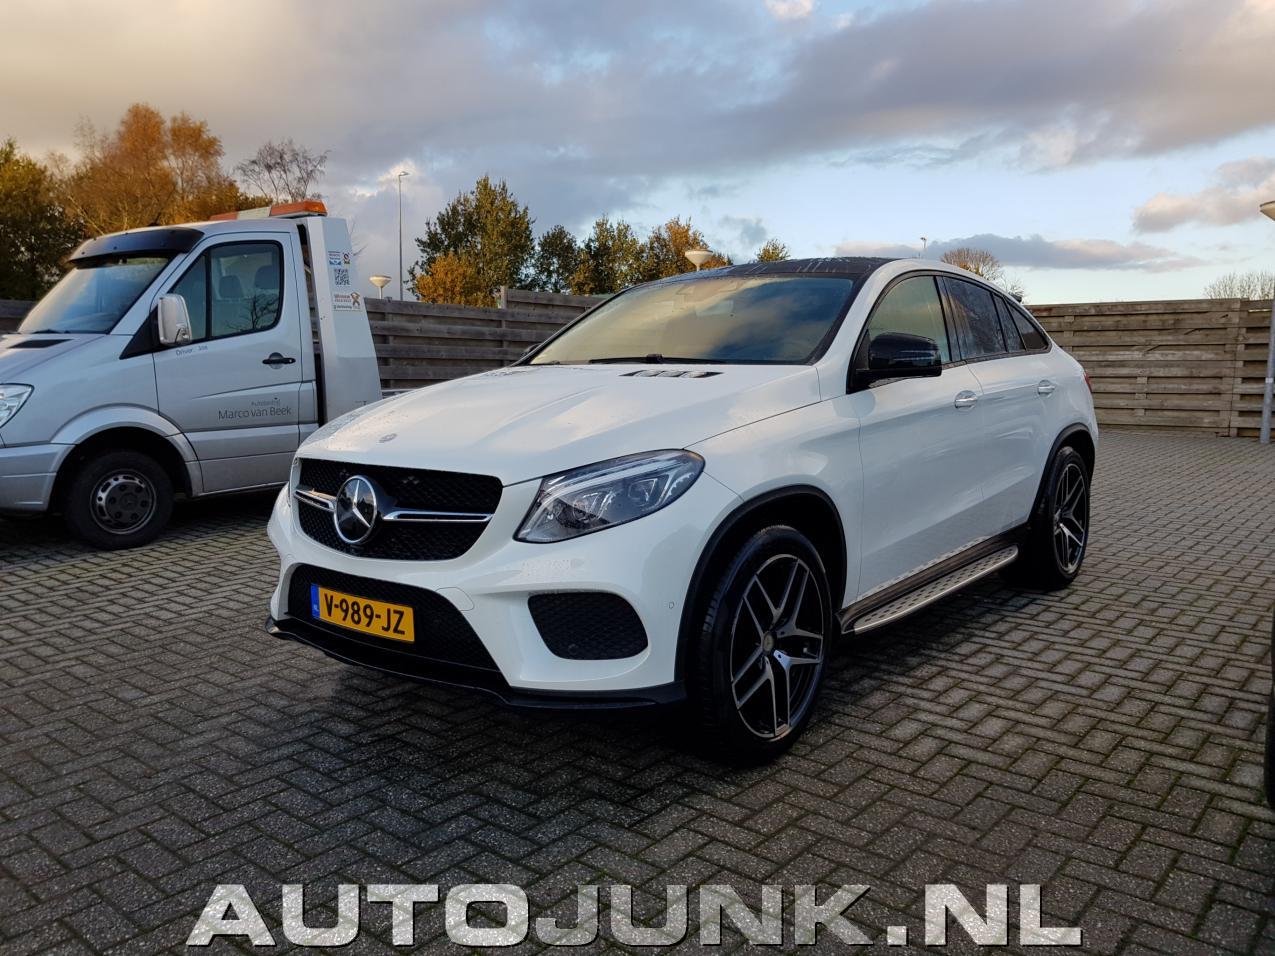 https://static.autojunk.nl/pictures/2017/1209/165511/mooiste-bedrijfsauto-ter-wereld_01.jpg